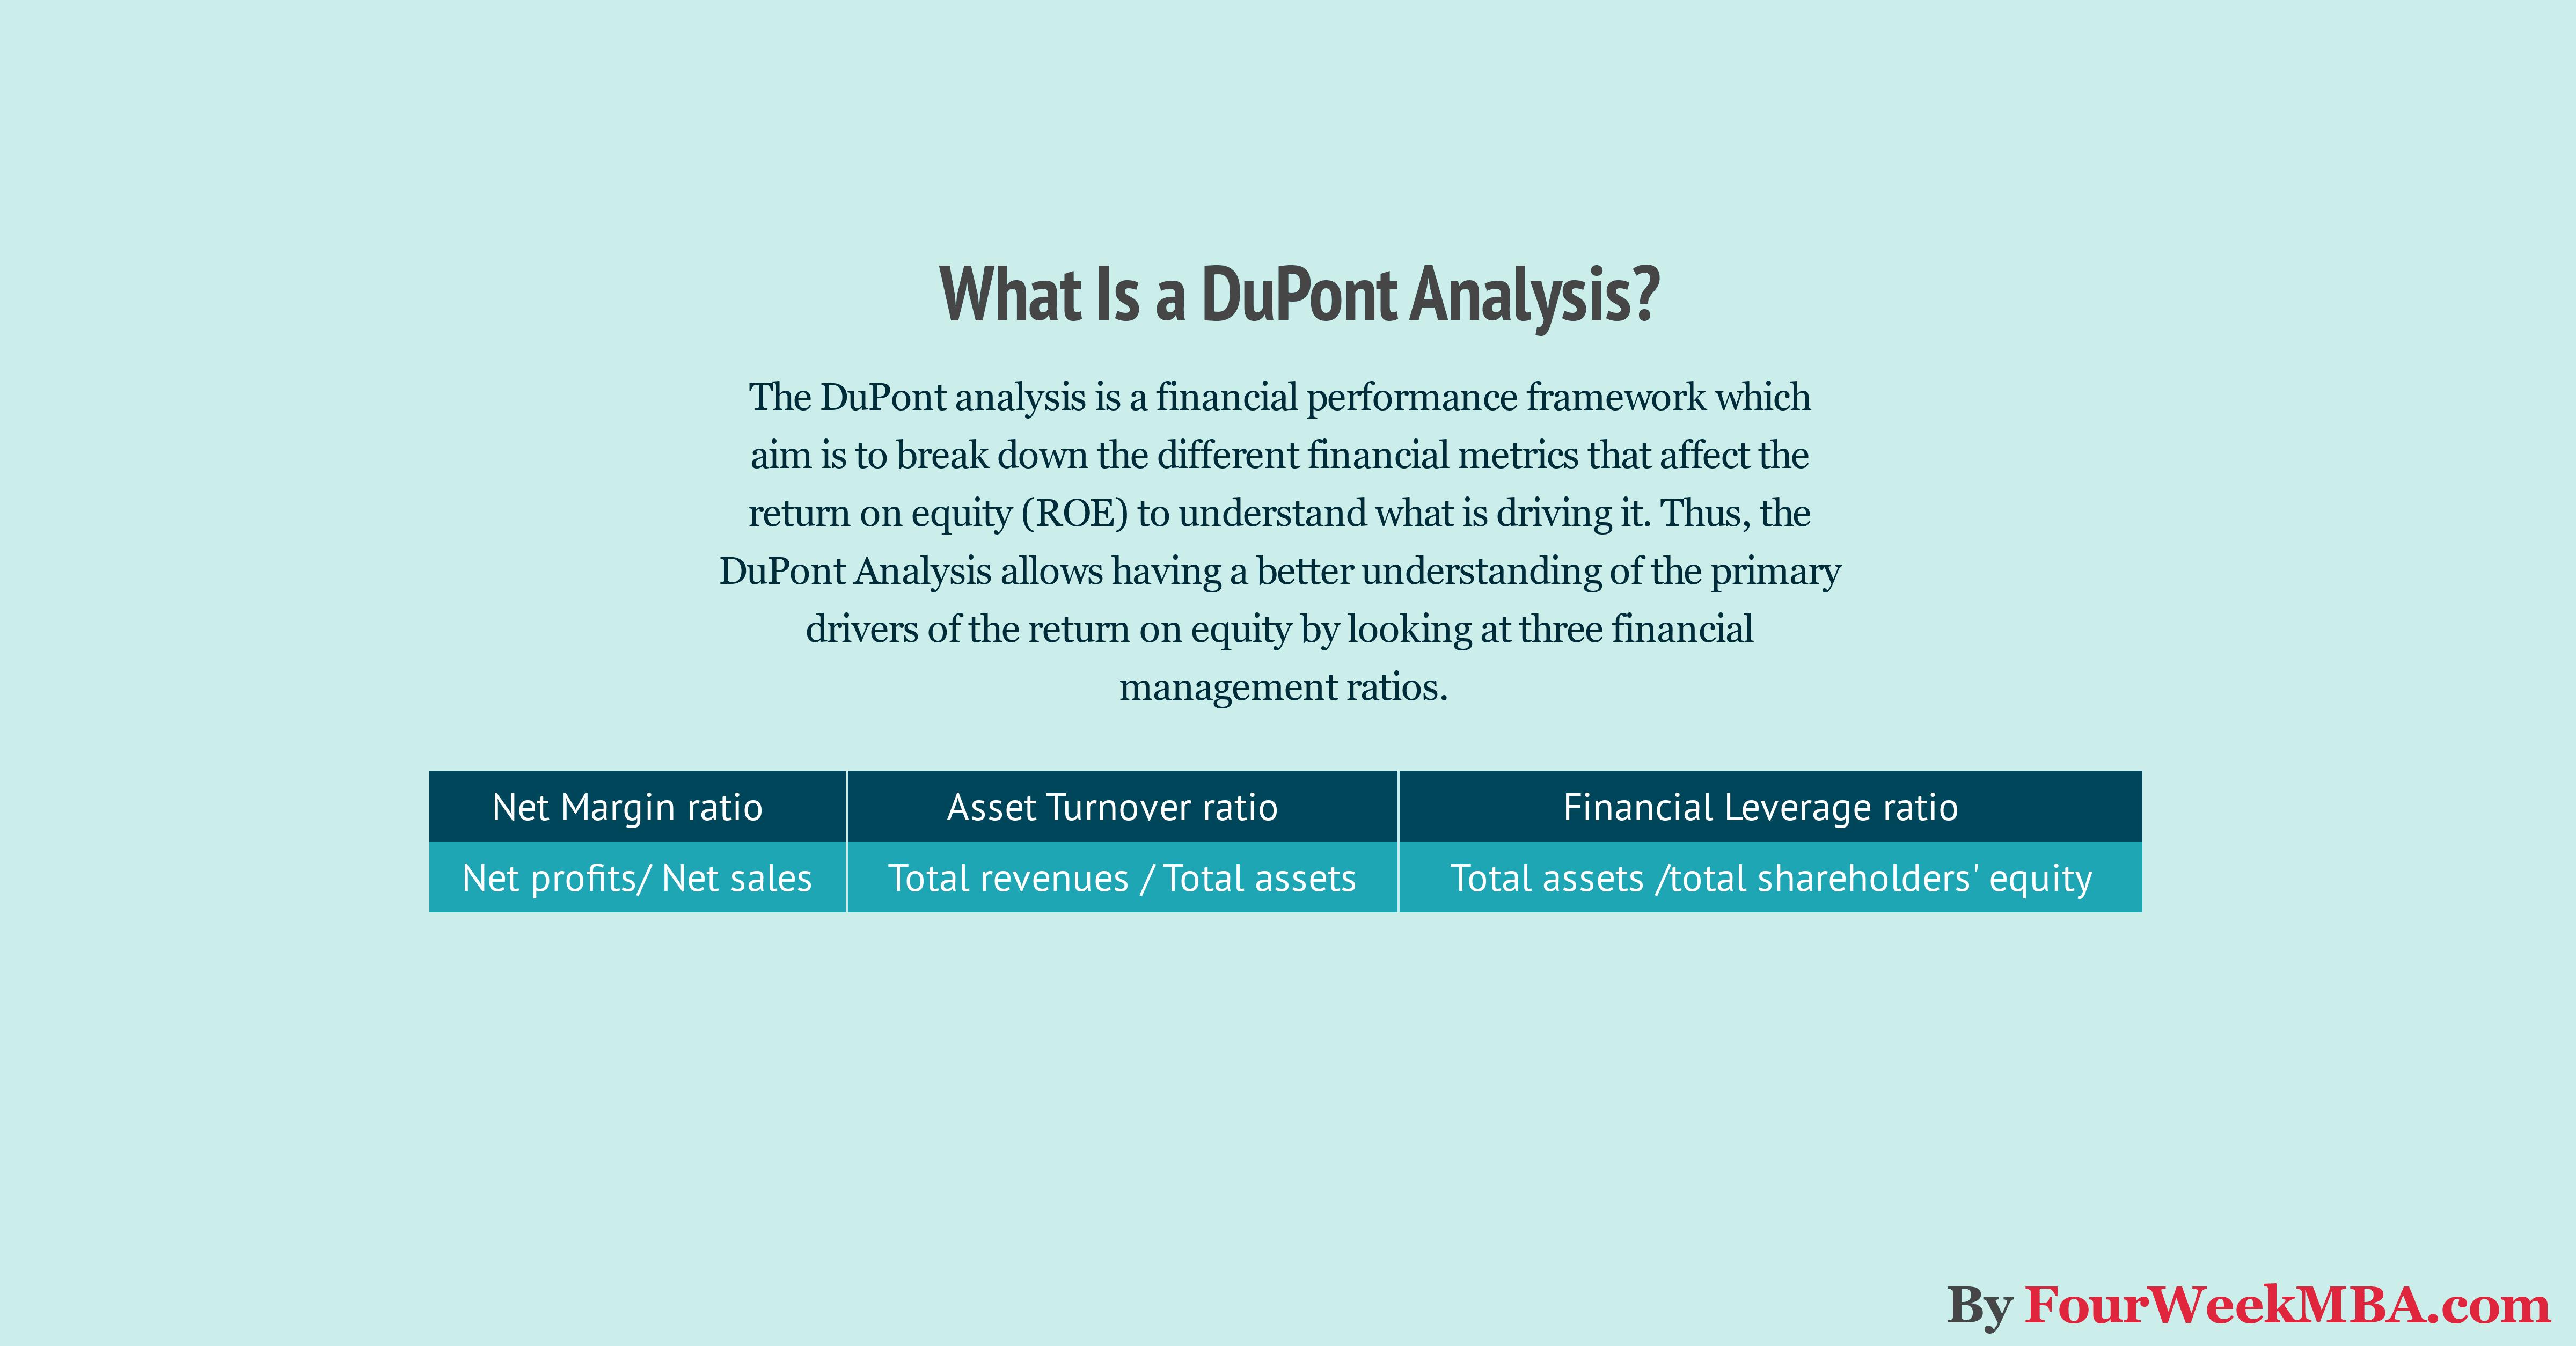 dupont-analysis